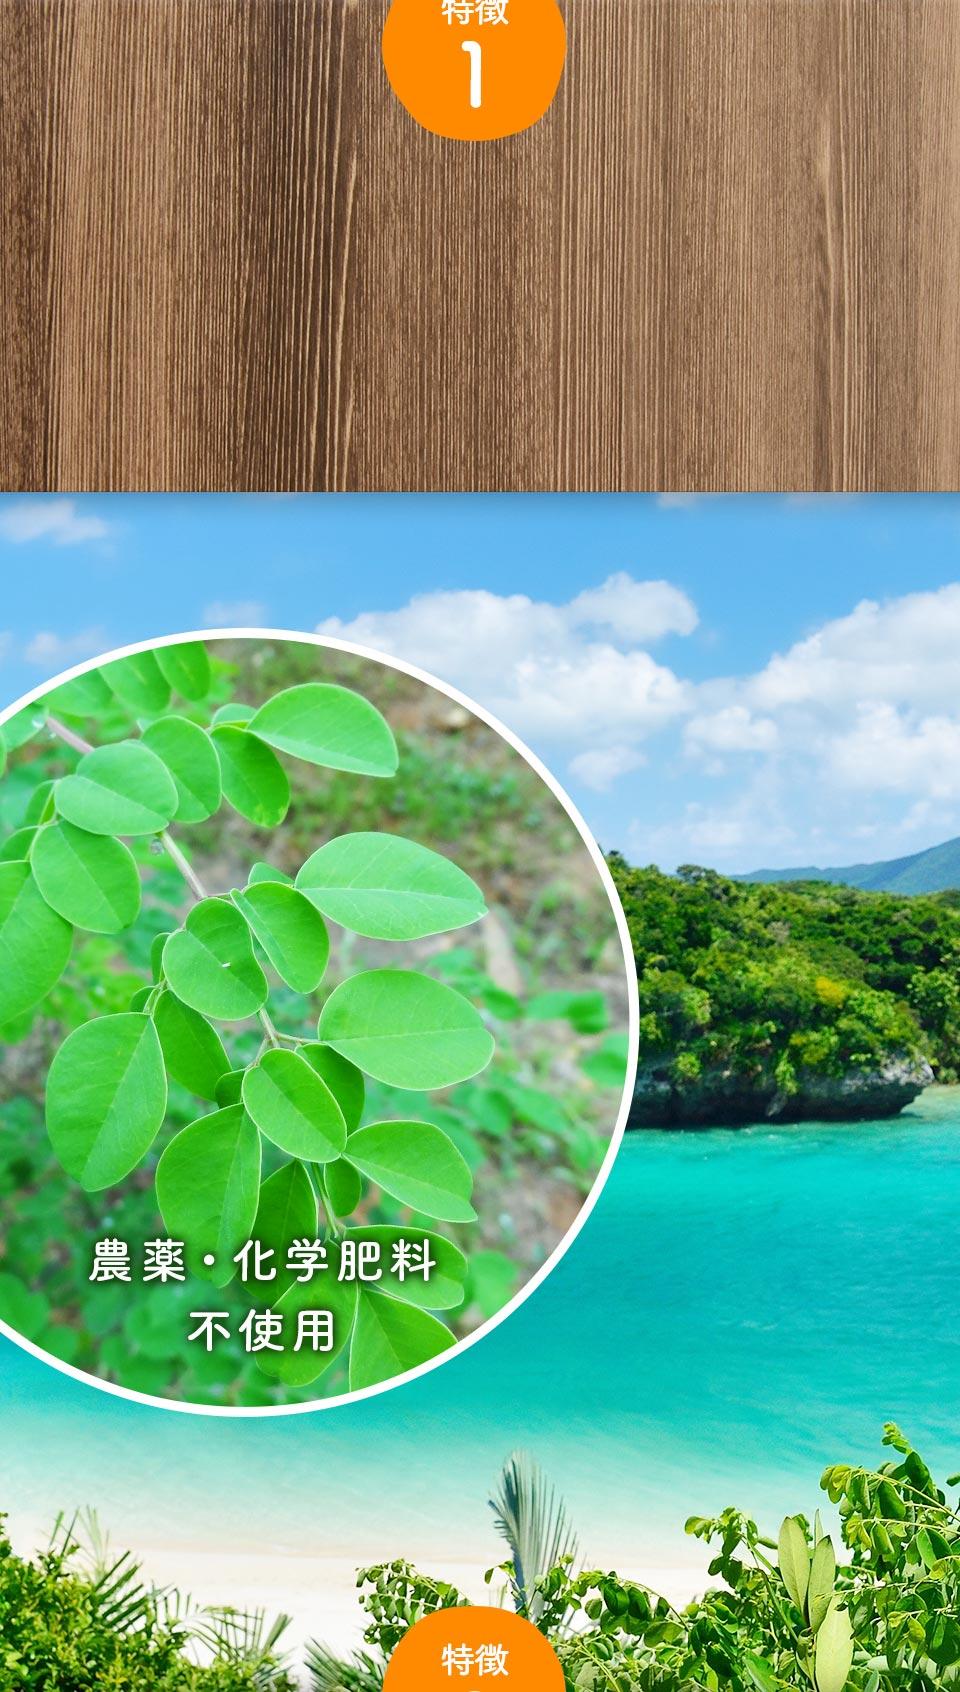 沖縄の契約農家から厳選されたモリンガを使用、農薬・化学肥料 不使用。